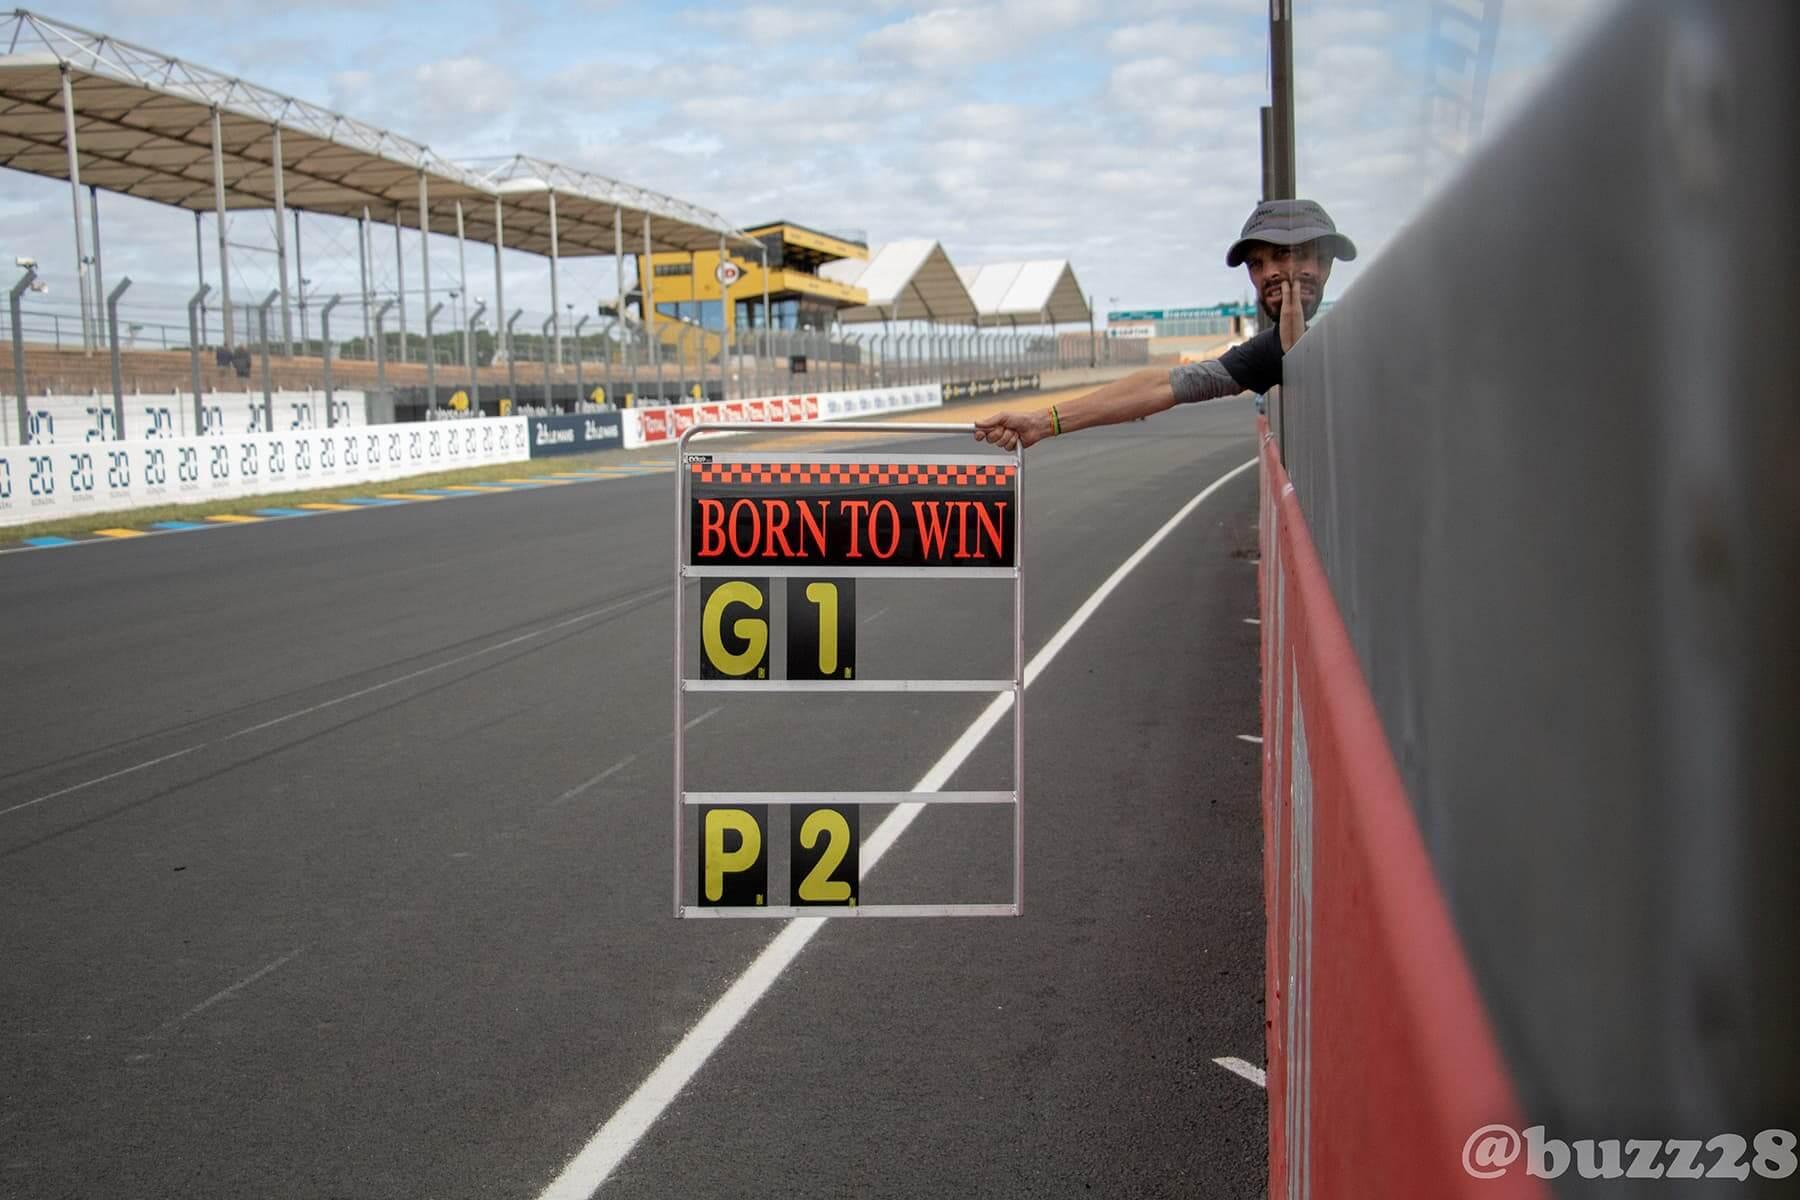 Accompagnement compétition automobile en tenant compte de la réglementation en vigueur